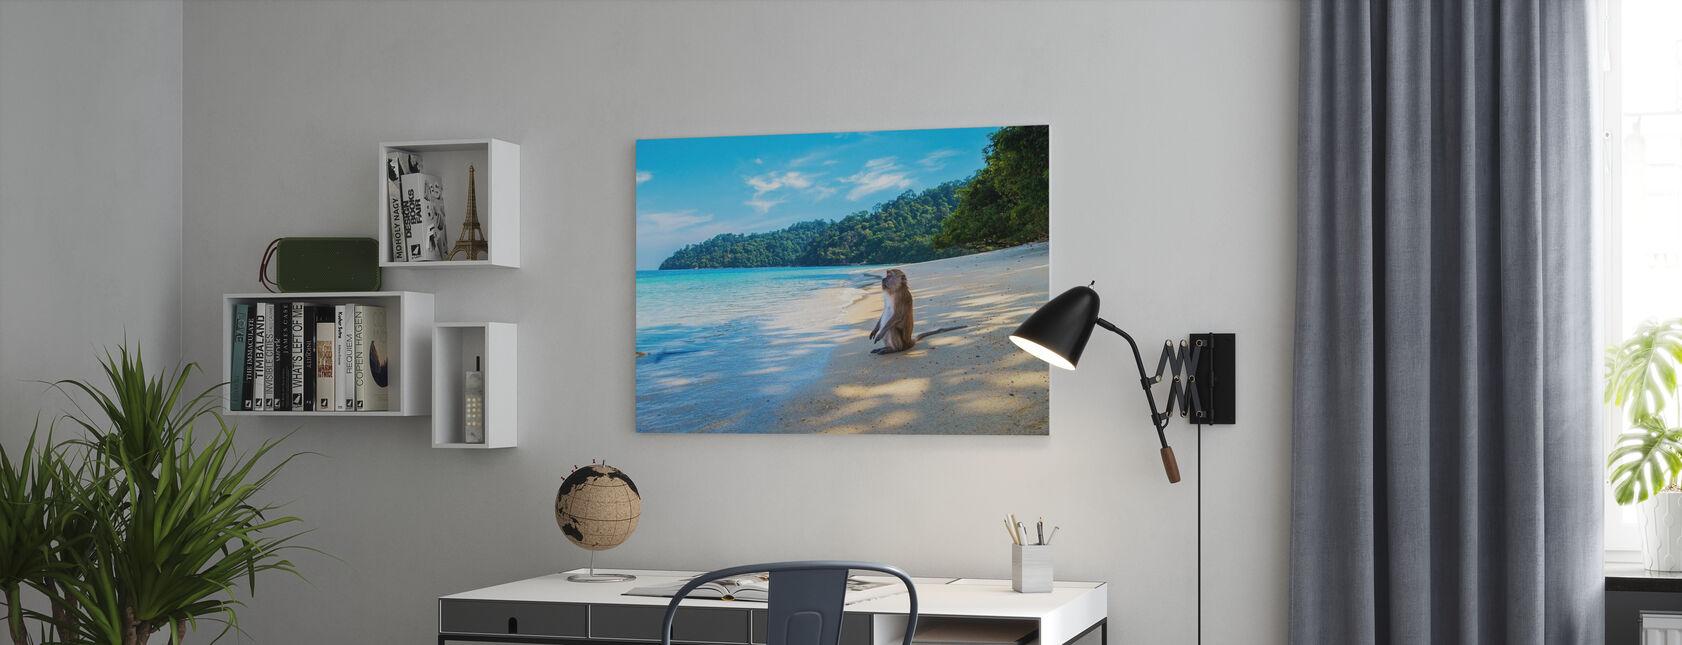 Ape ved stranden - Lerretsbilde - Kontor